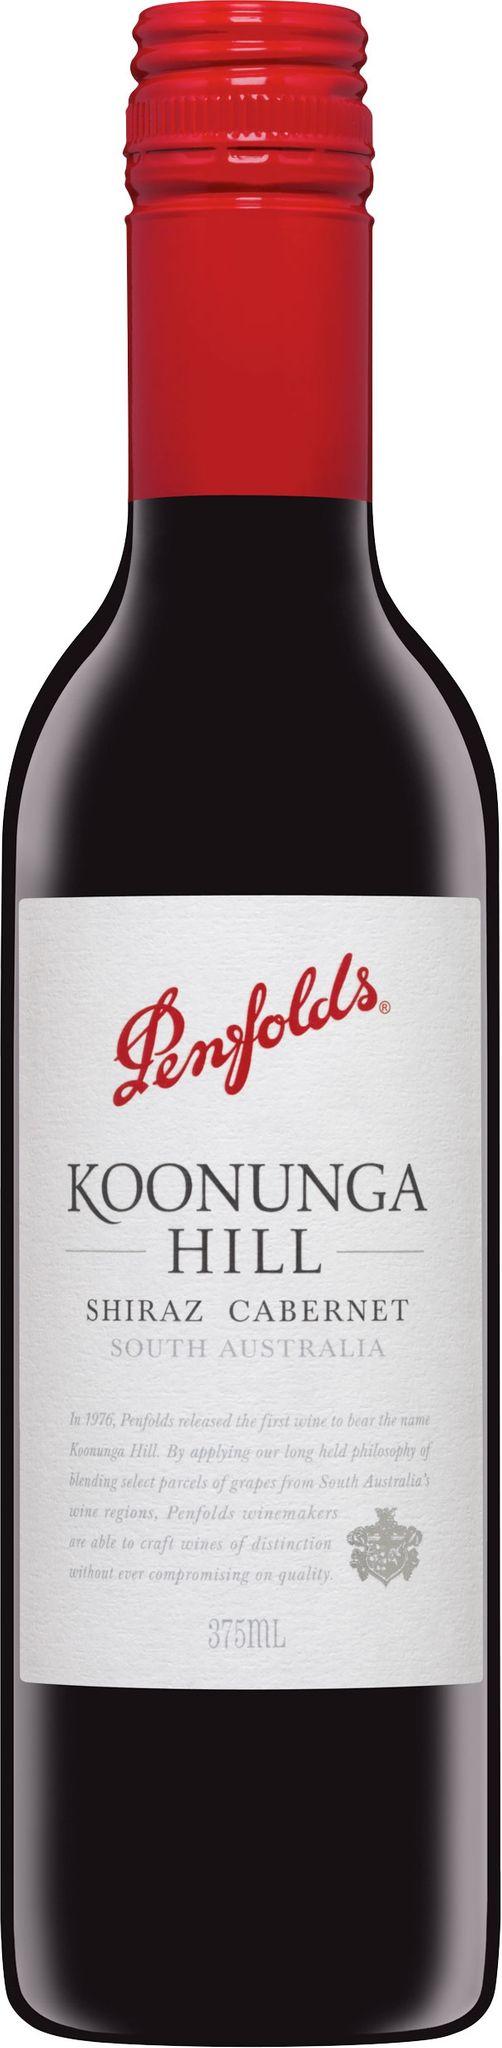 Produktbild på Penfolds Koonunga Hill